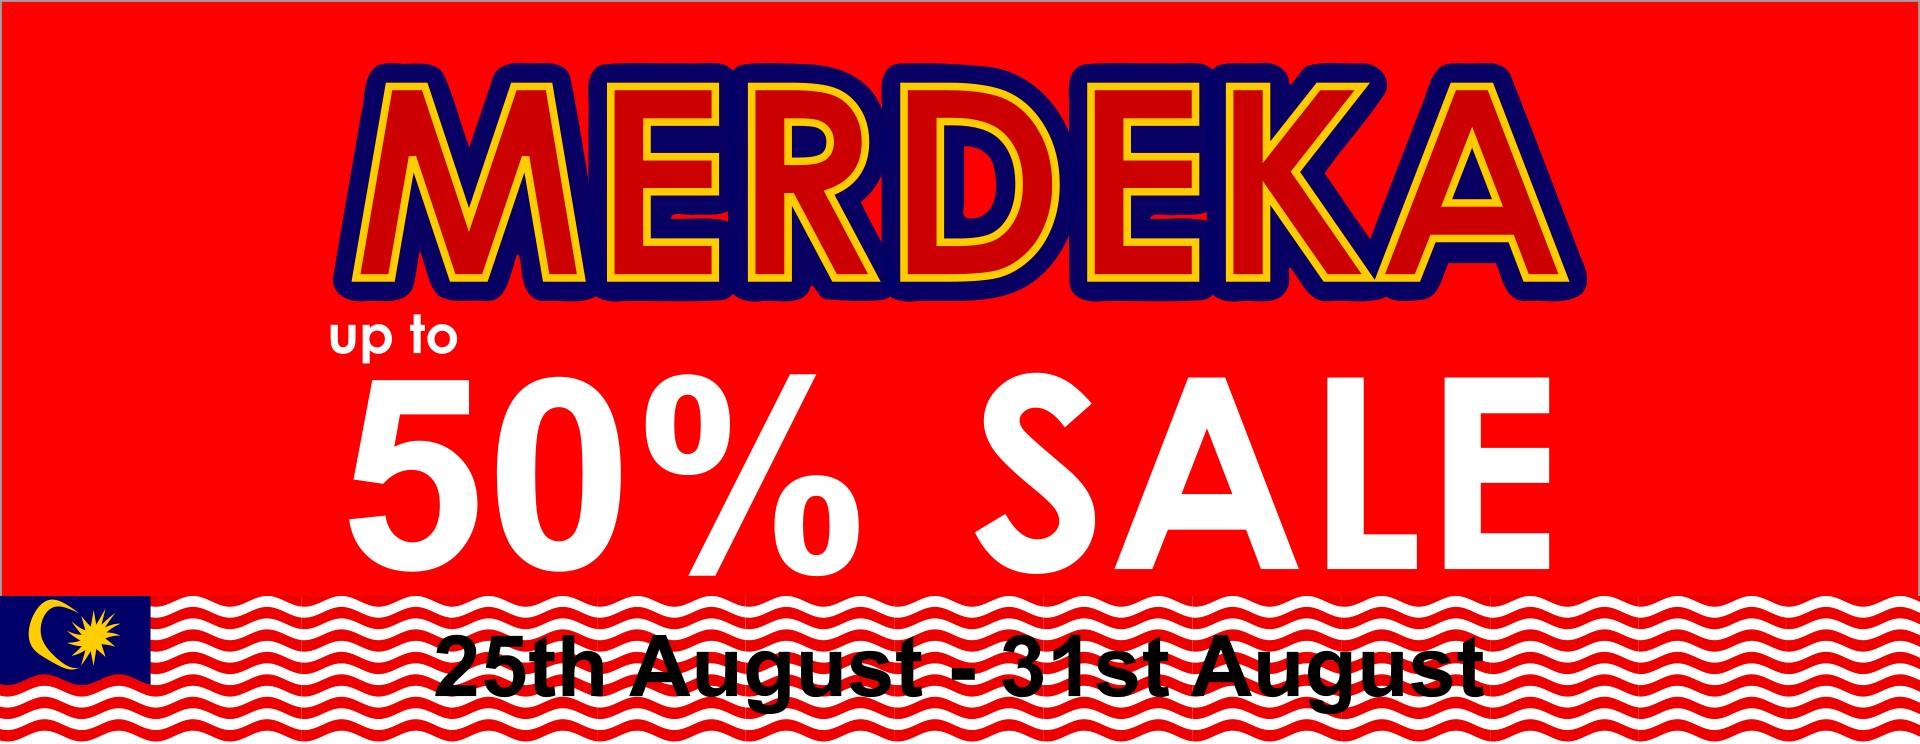 Merdeka Sales 2019